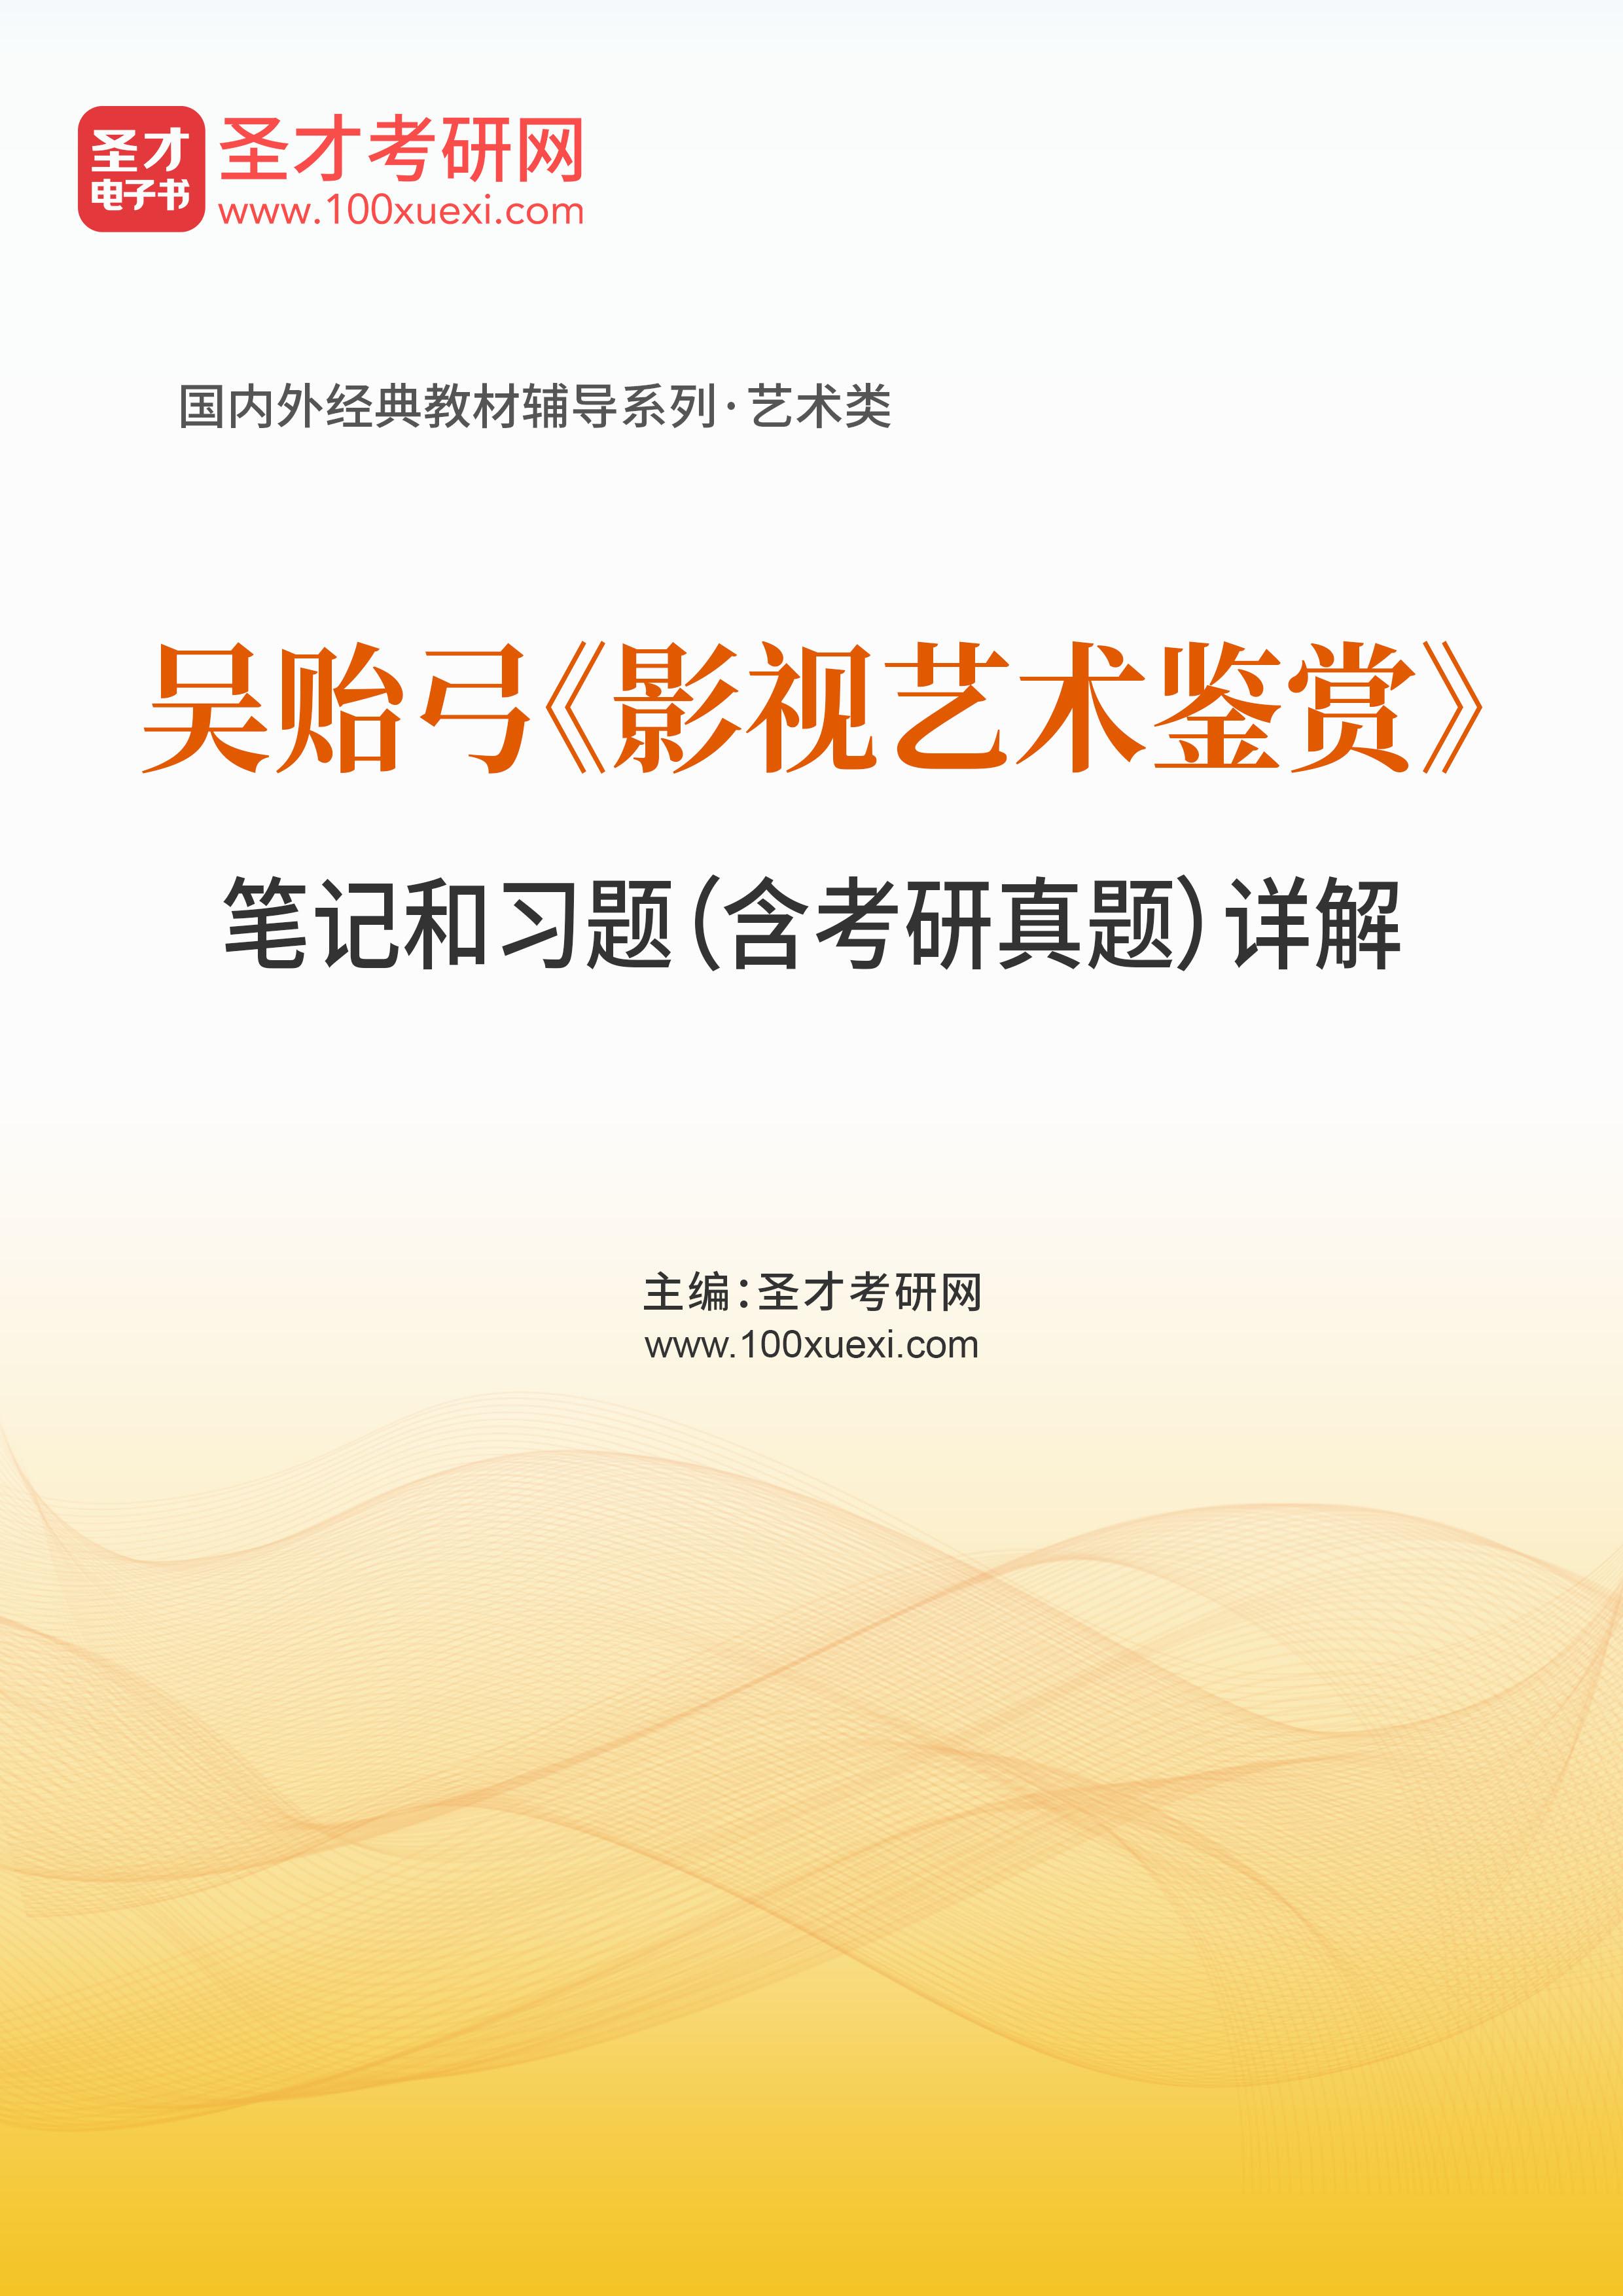 吴贻弓《影视艺术鉴赏》笔记和习题(含考研真题)详解